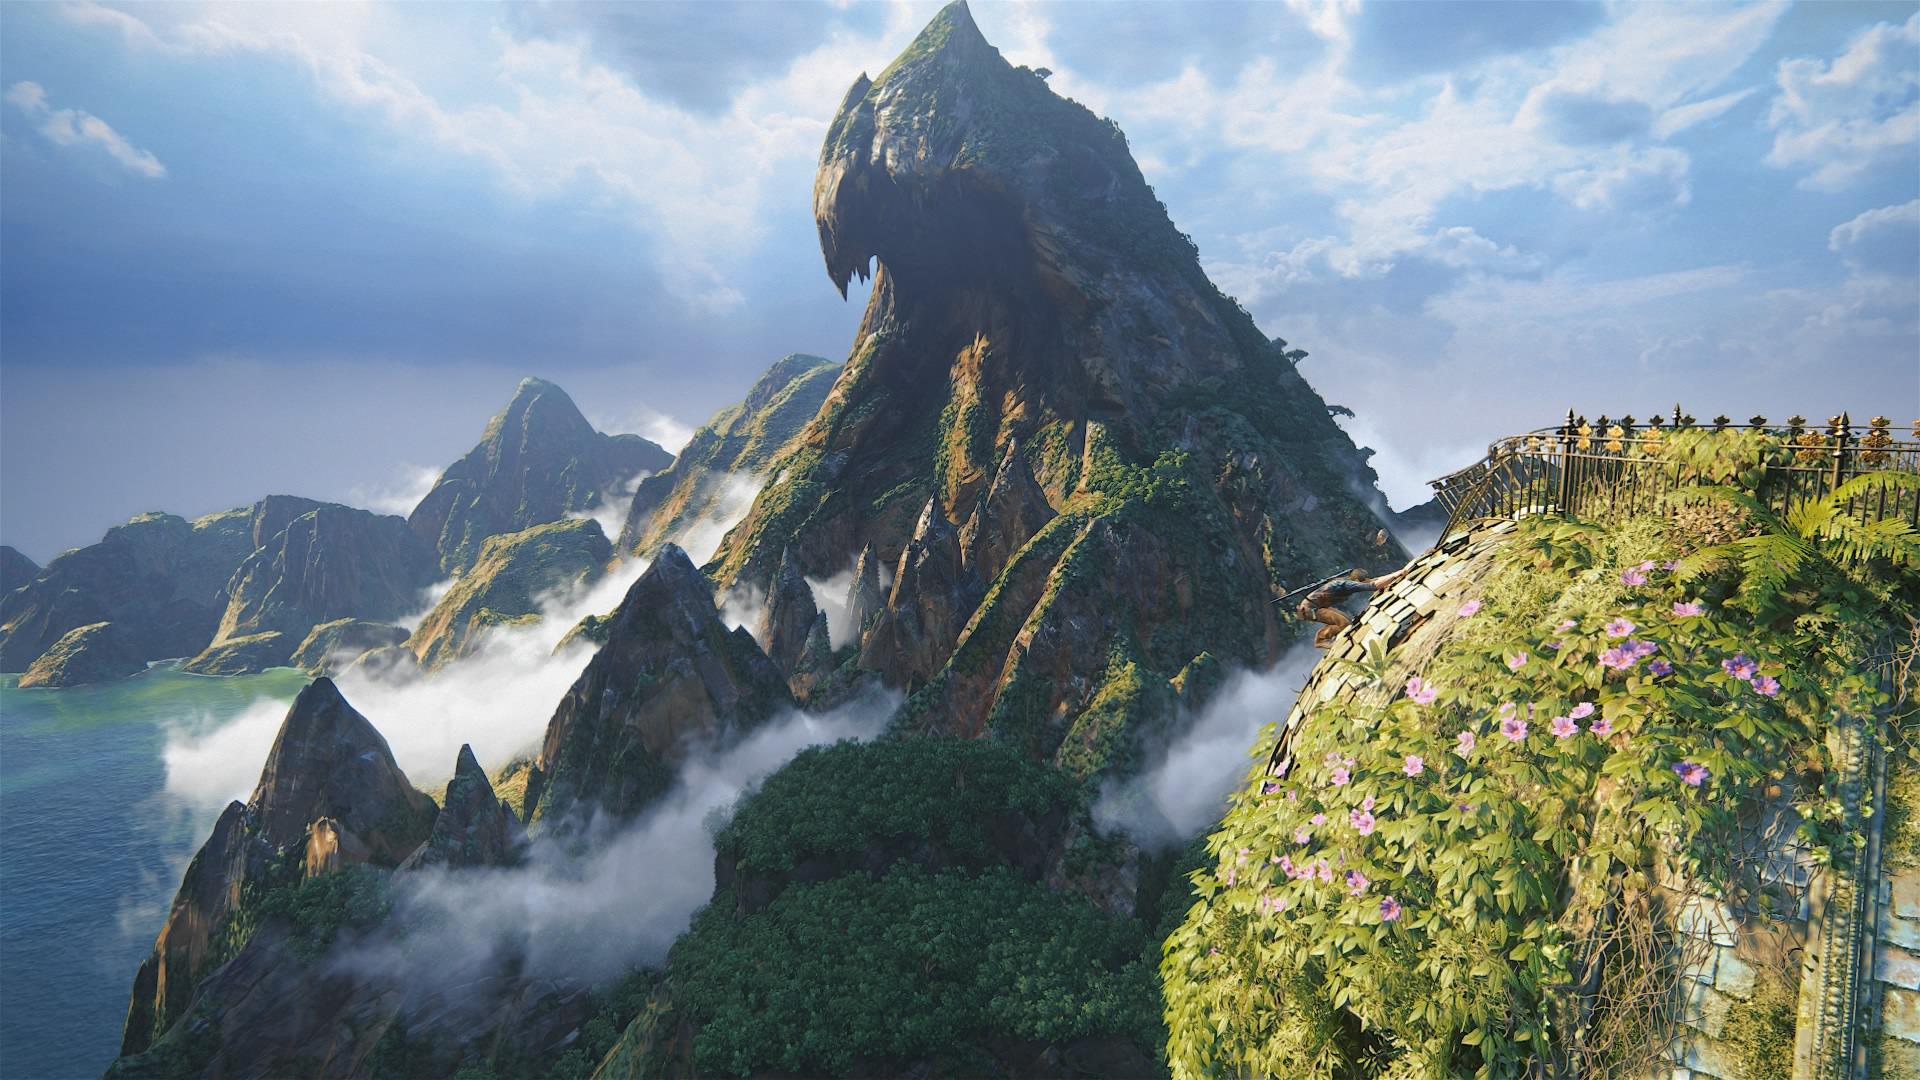 アンチャーテッド4に登場する幻想的な山